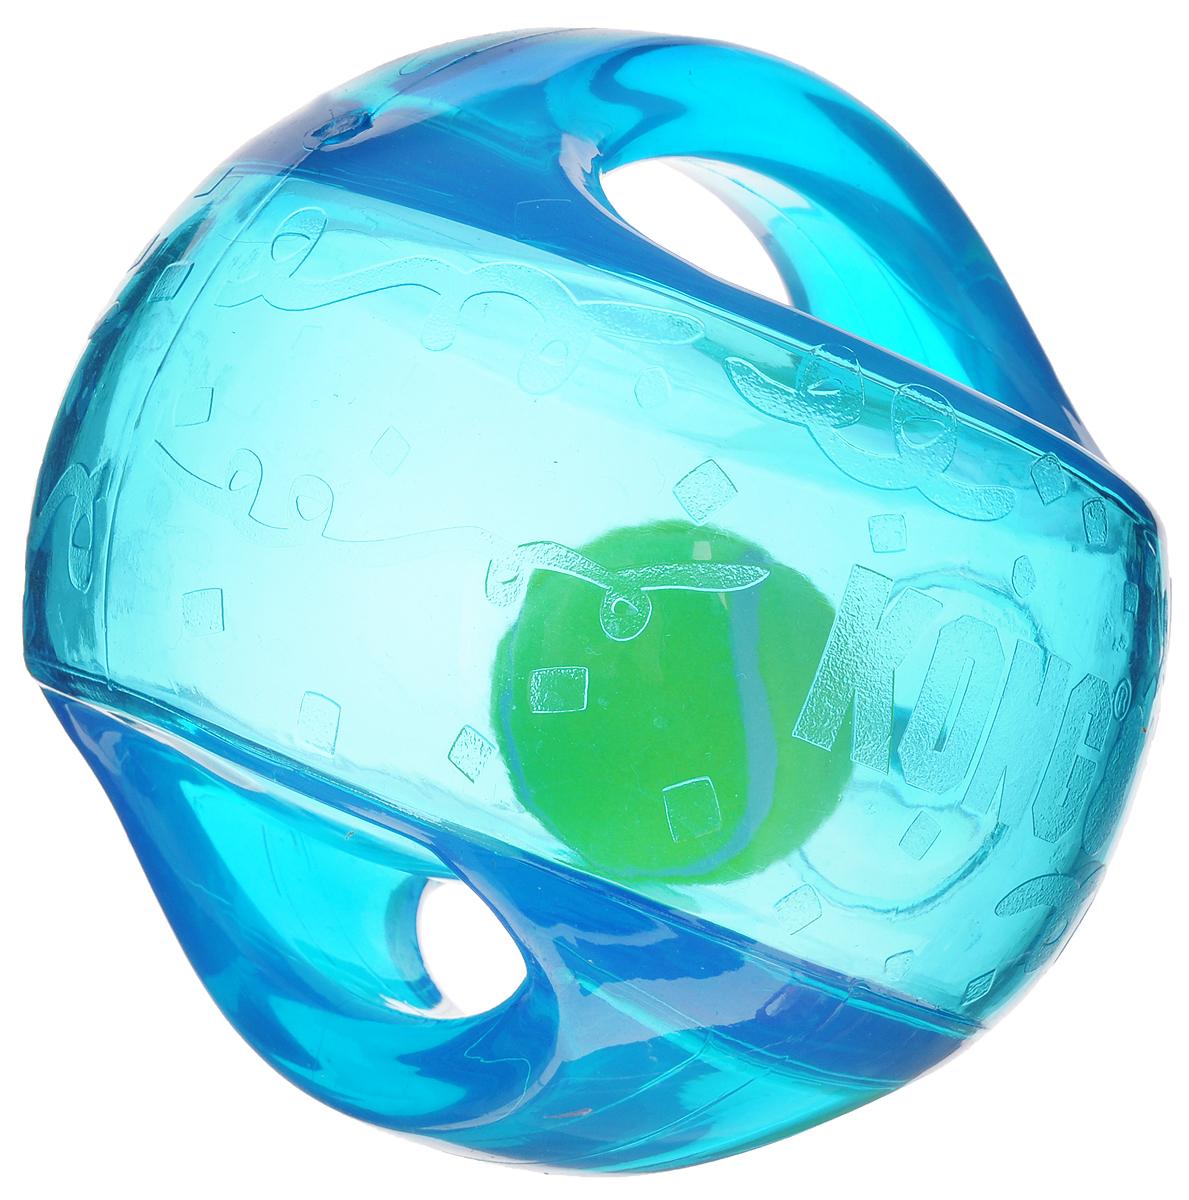 Игрушка для собак Kong Мячик, с пищалкой, цвет: прозрачный, синий, 12 х 12 х 12 смTMB2EИгрушка для собак Kong Мячик, выполненная из высококачественного каучука, представляет собой мяч 2 в 1. Теннисный мяч, расположенный внутри, гремит и будет привлекать внимание вашего питомца, побуждая достать его. Просто потрясите игрушку. Удобные ручки служат для поднятия. Также изделие оснащено пищалкой. С такой игрушкой вы сможете играть в захватывающие и активные игры с вашей собакой. Она прекрасно подходит для животных среднего и крупного размера, с сильными челюстями и для использования в качестве дрессировочного предмета.